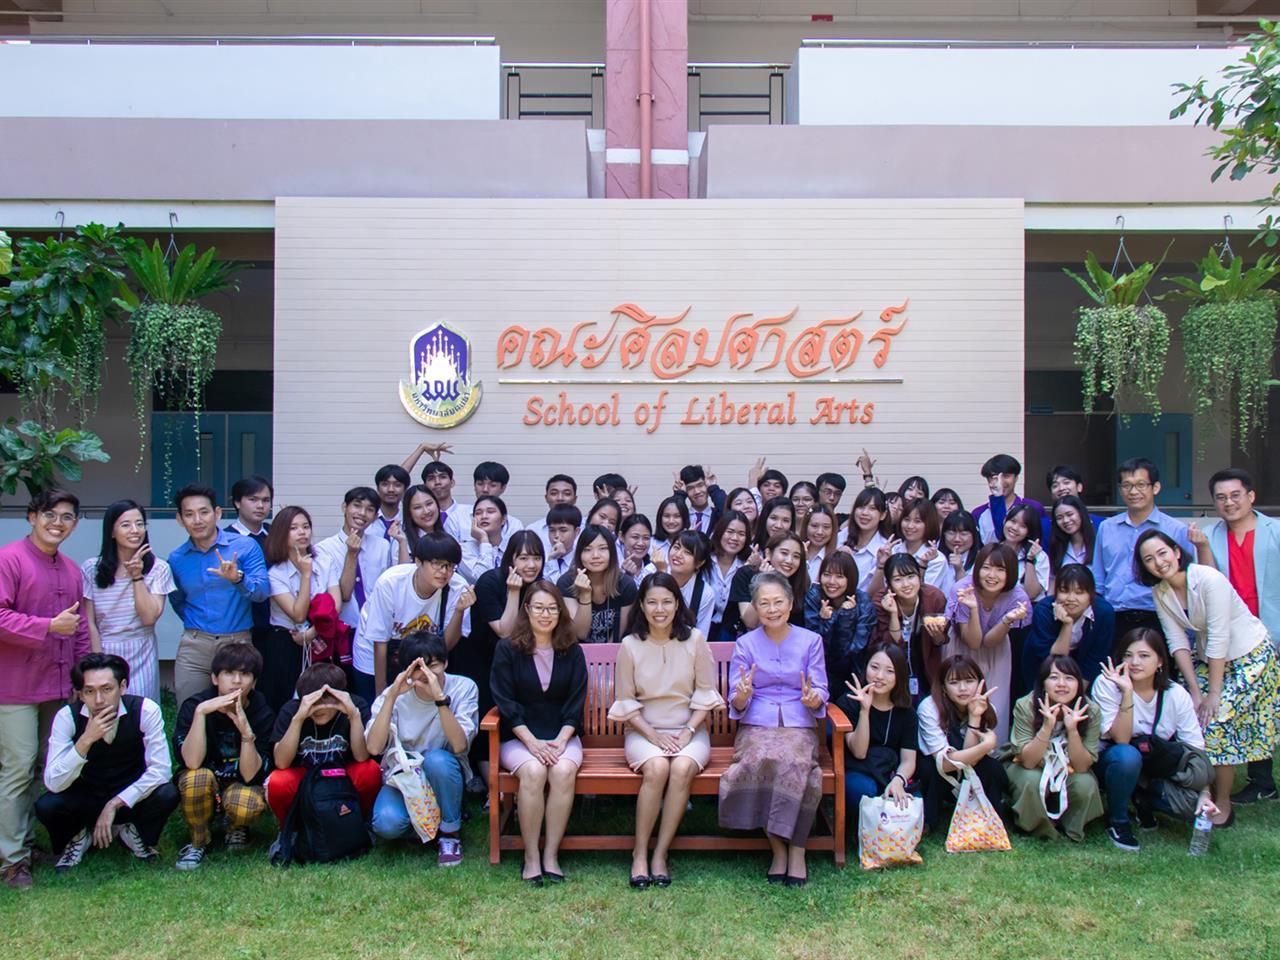 คณะศิลปศาสตร์ ให้การต้อนรับคณะนิสิตทูตวัฒนธรรมจากมหาวิทยาลัยเรตาคุ ประเทศญี่ปุ่น